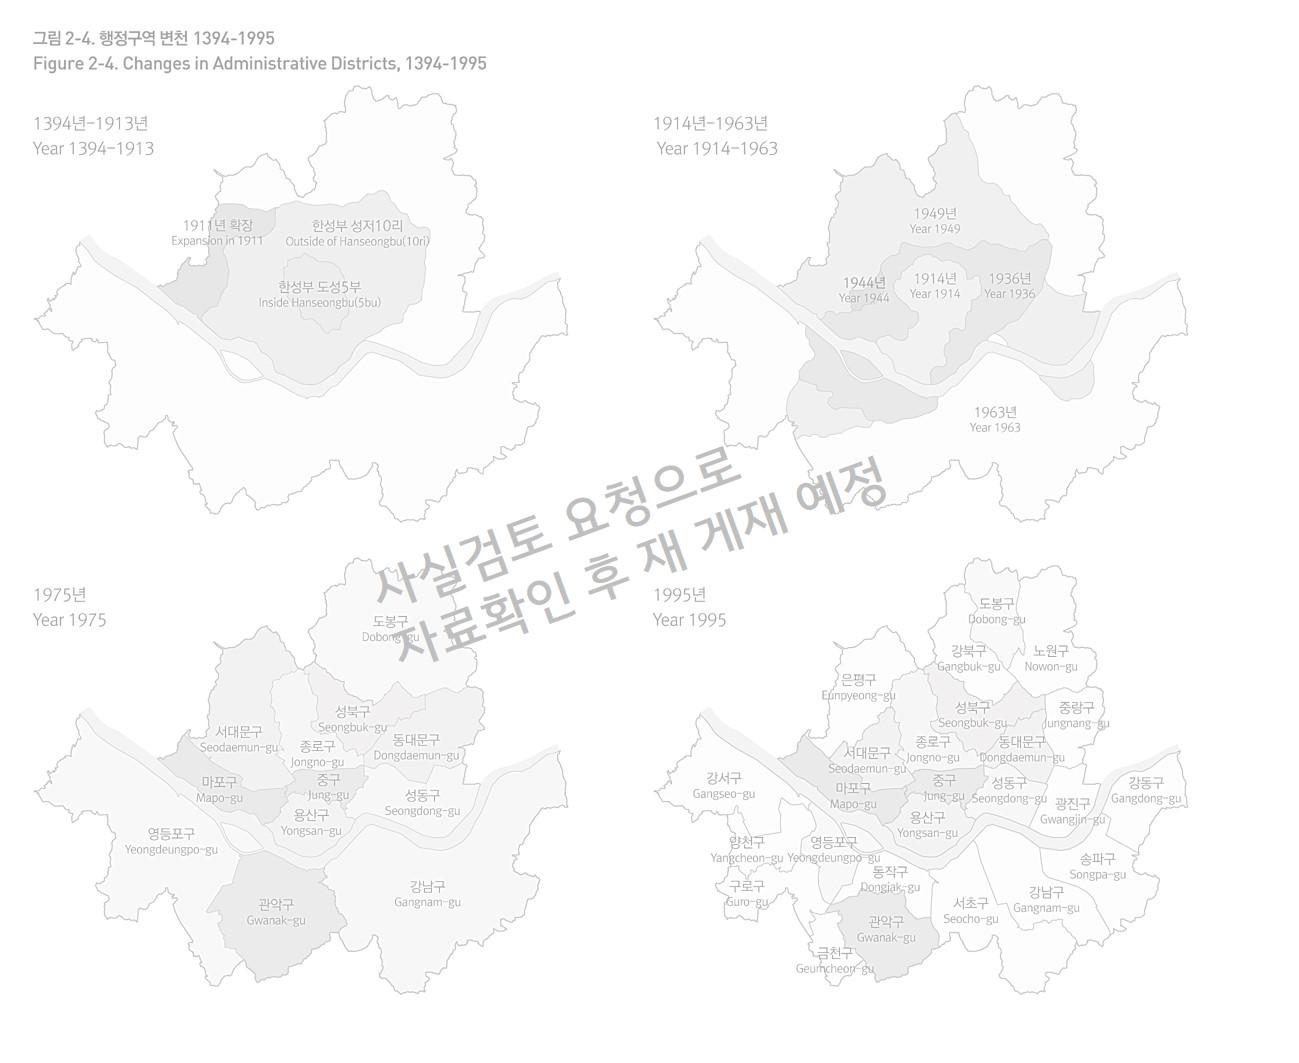 1394년부터 1995년까지의 서울시 행정구역 변천을 보여주는 지도입니다.